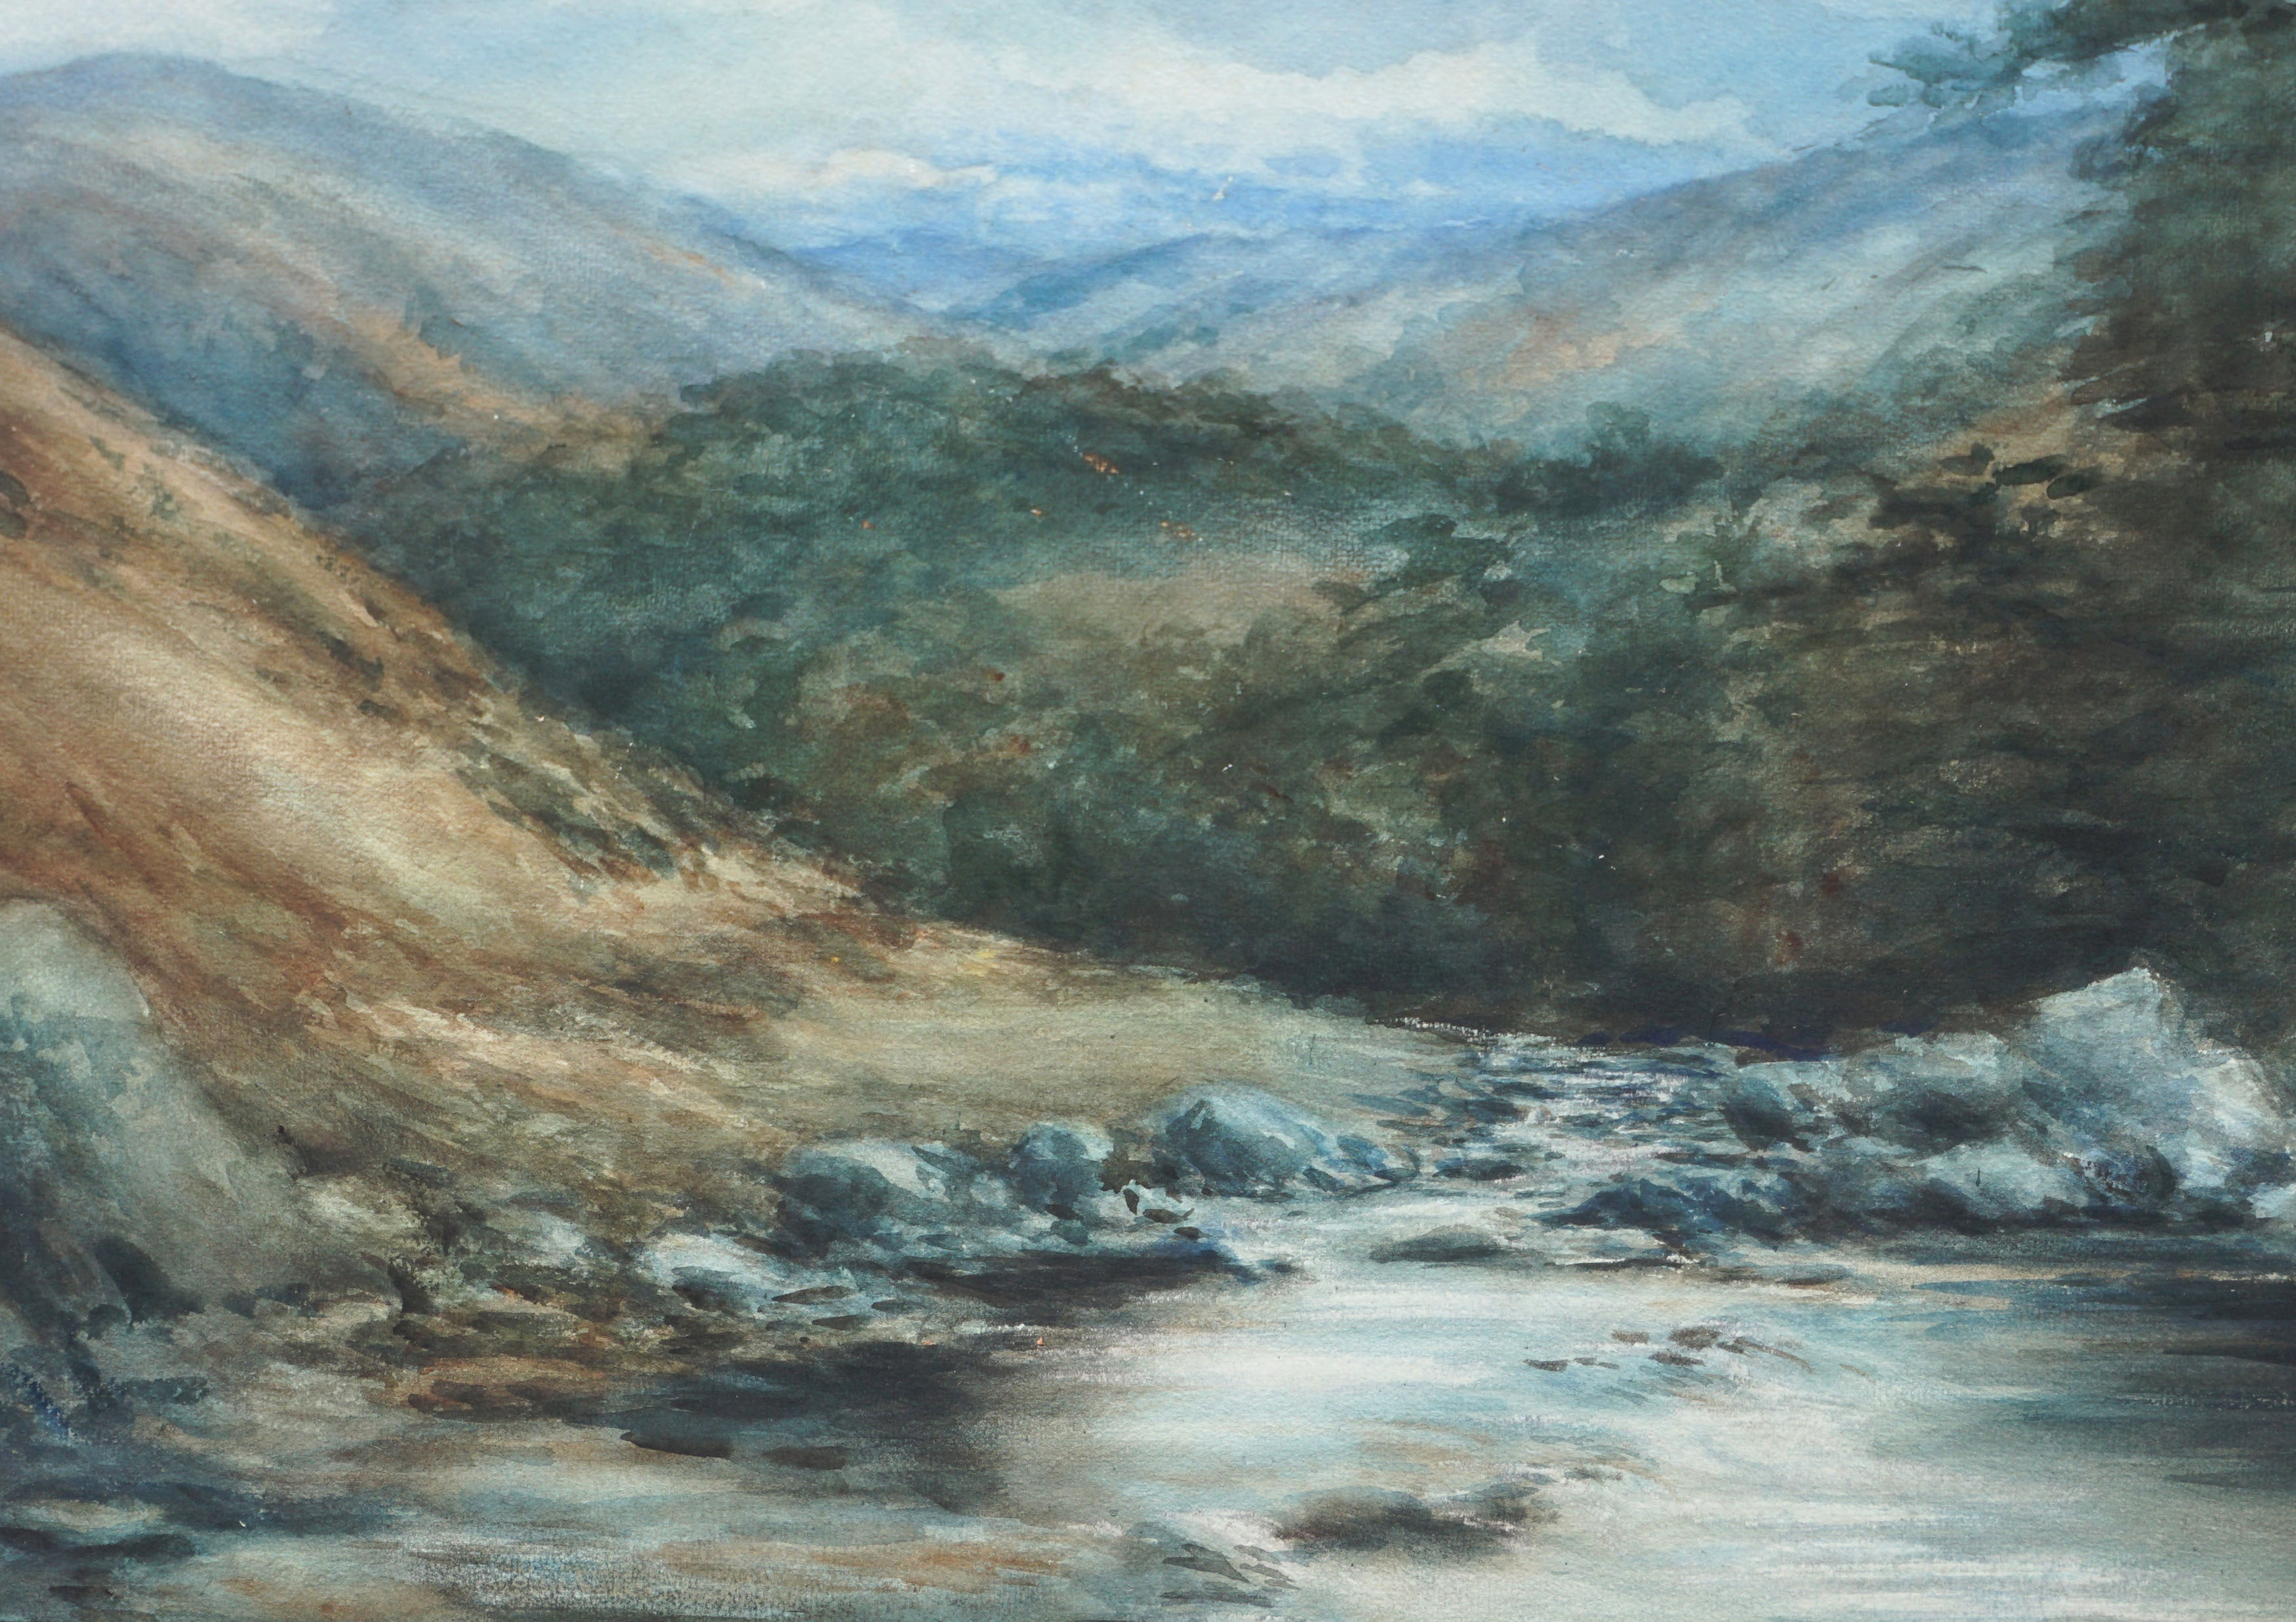 The River Dee, Balmoral, Scotland - Landscape